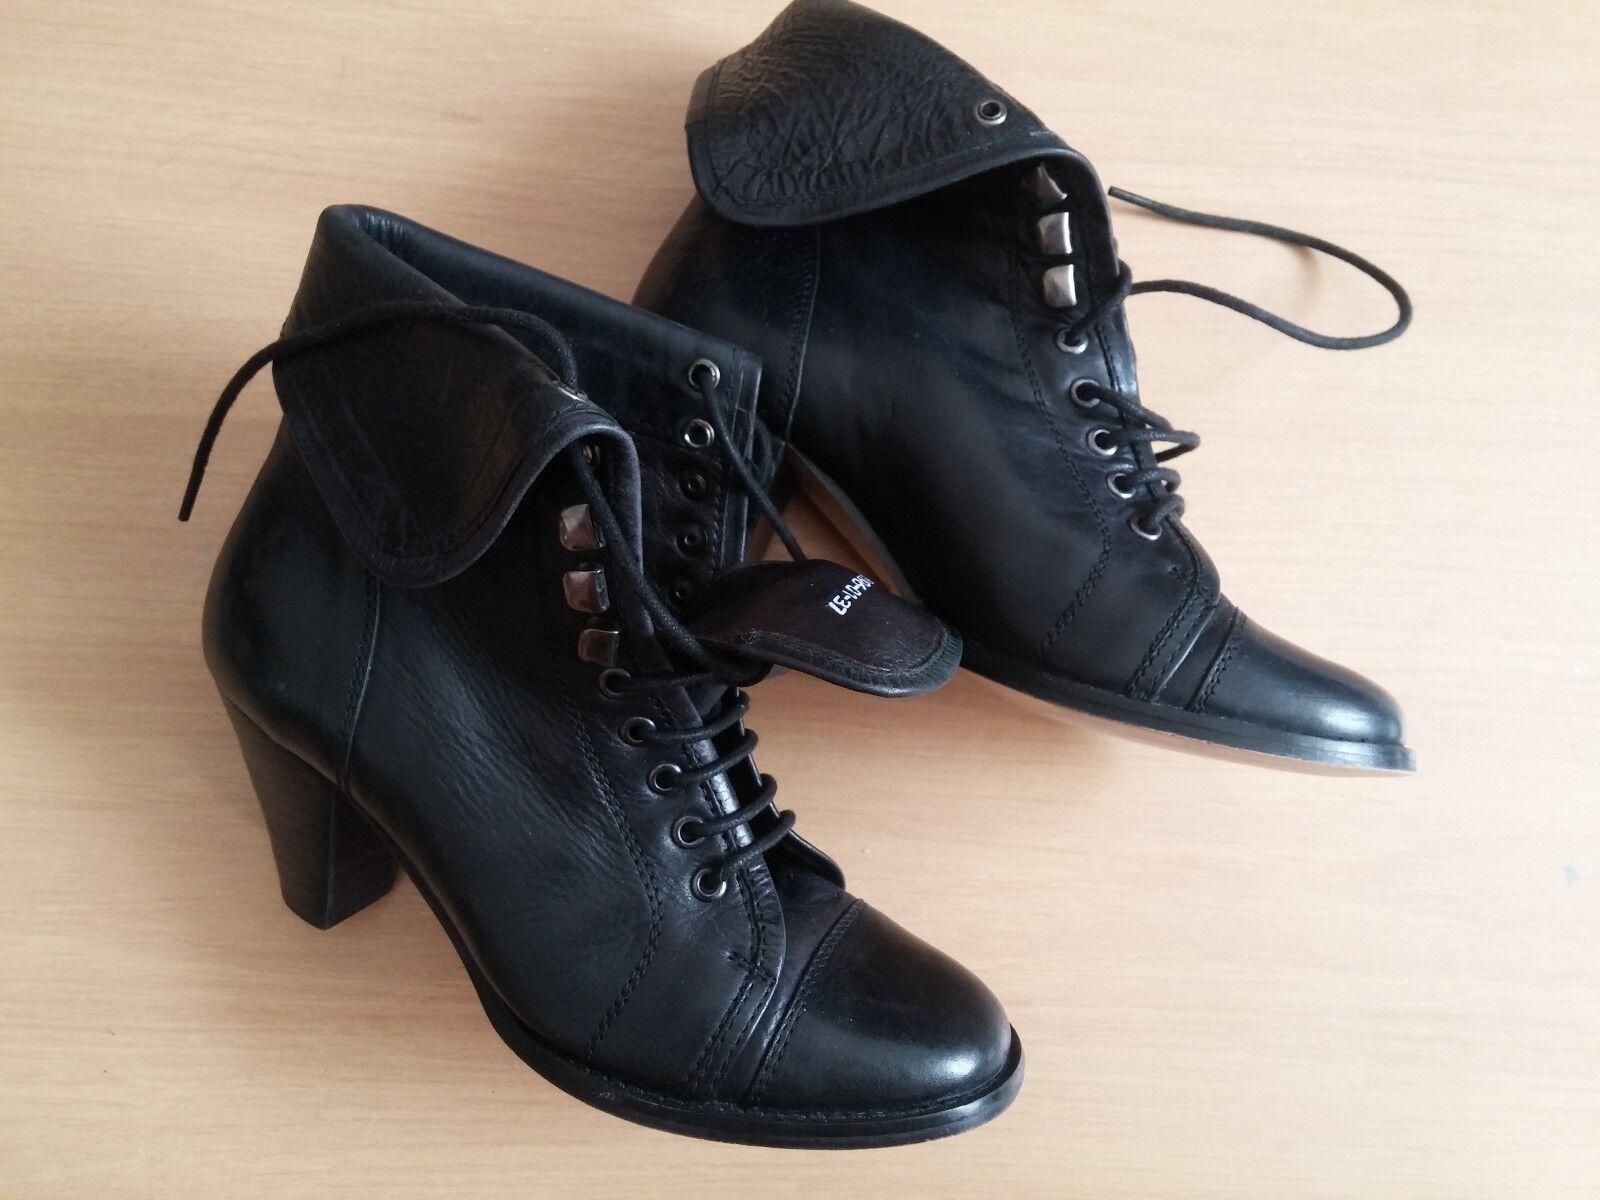 Damen Schuhe Stiefel Stiefeletten Stiefel Pumps Görtz Gr 37 UK 4 schwarz Leder